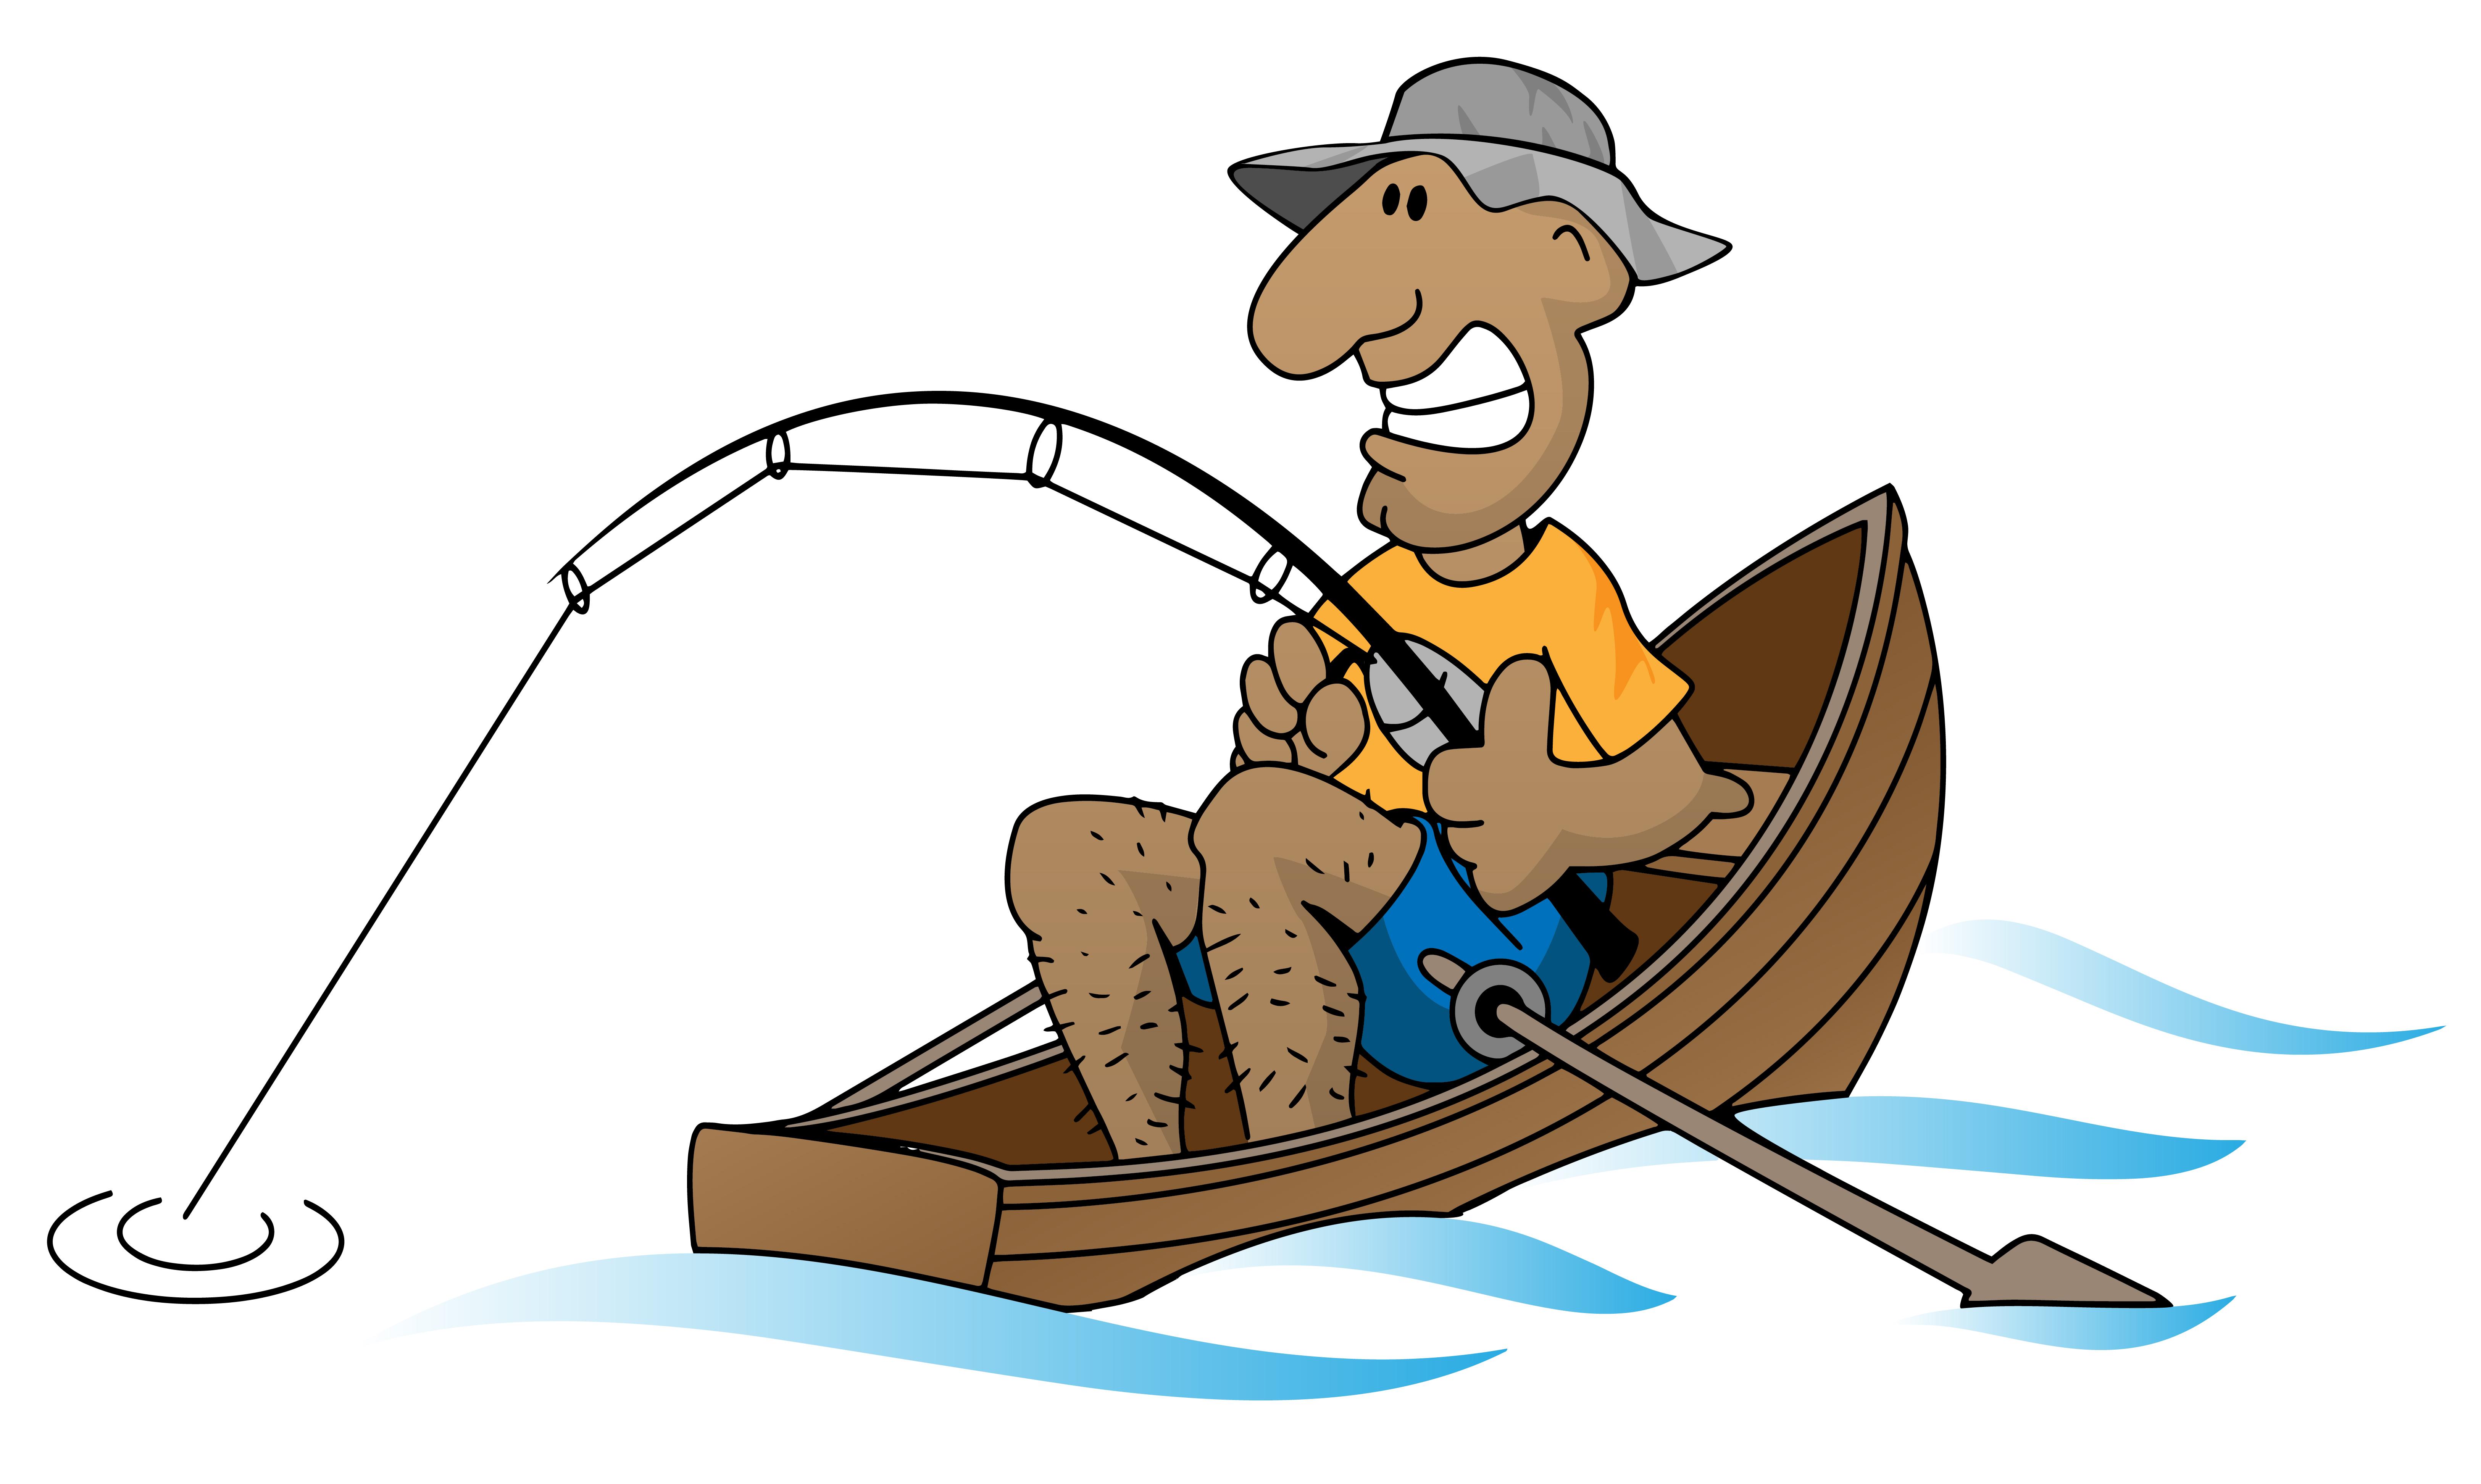 Cartoon man fishing in boat vector illustration.